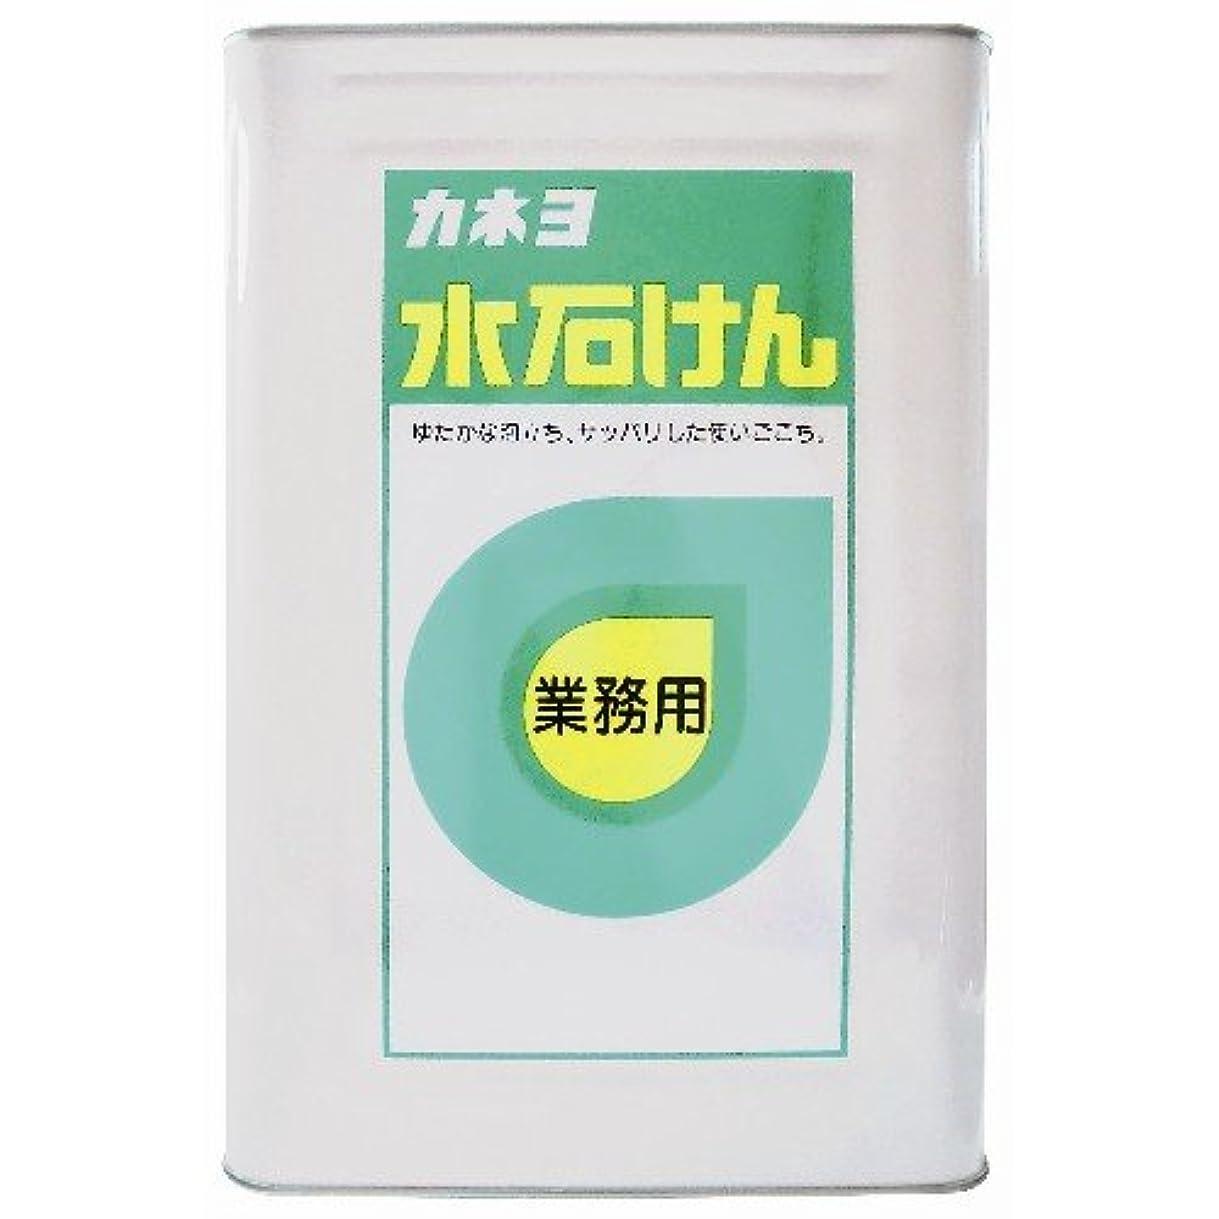 測定可能ホット【大容量】 カネヨ石鹸 ハンドソープ 水石けん 液体 業務用 18L 一斗缶